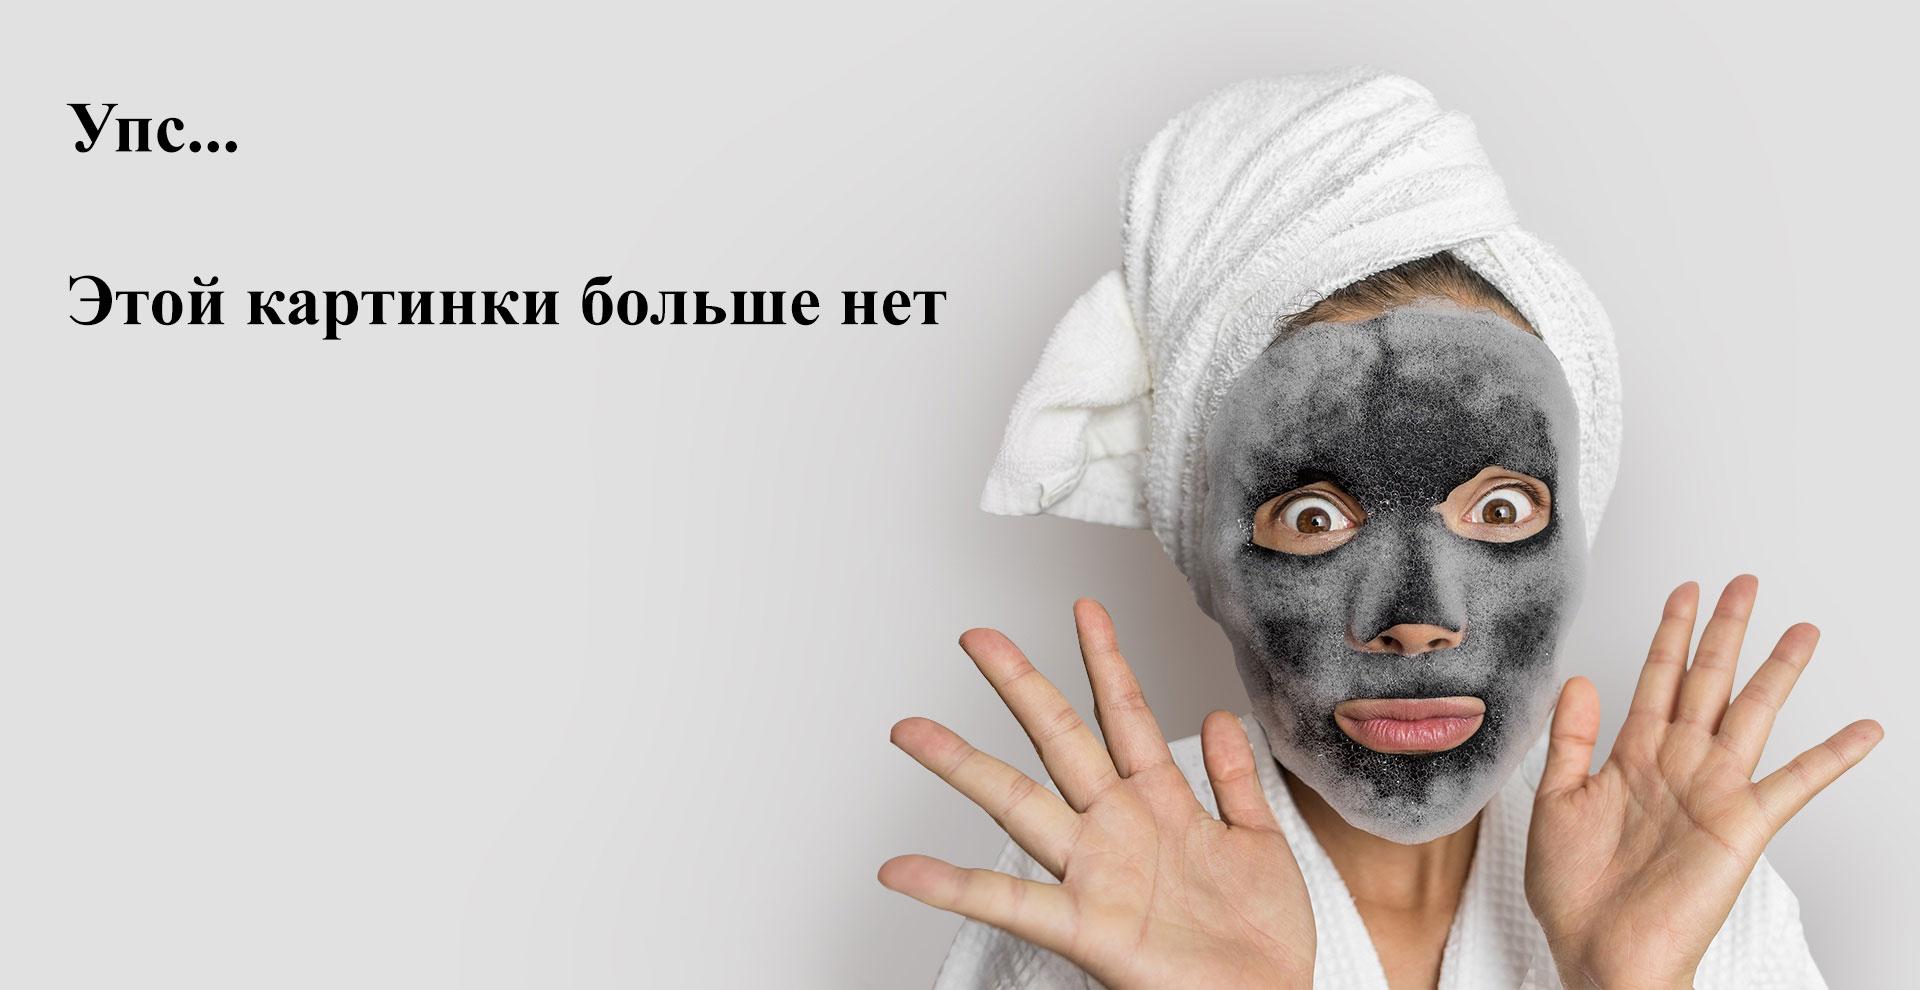 Siberina, Зубная паста «Мята», 50 мл